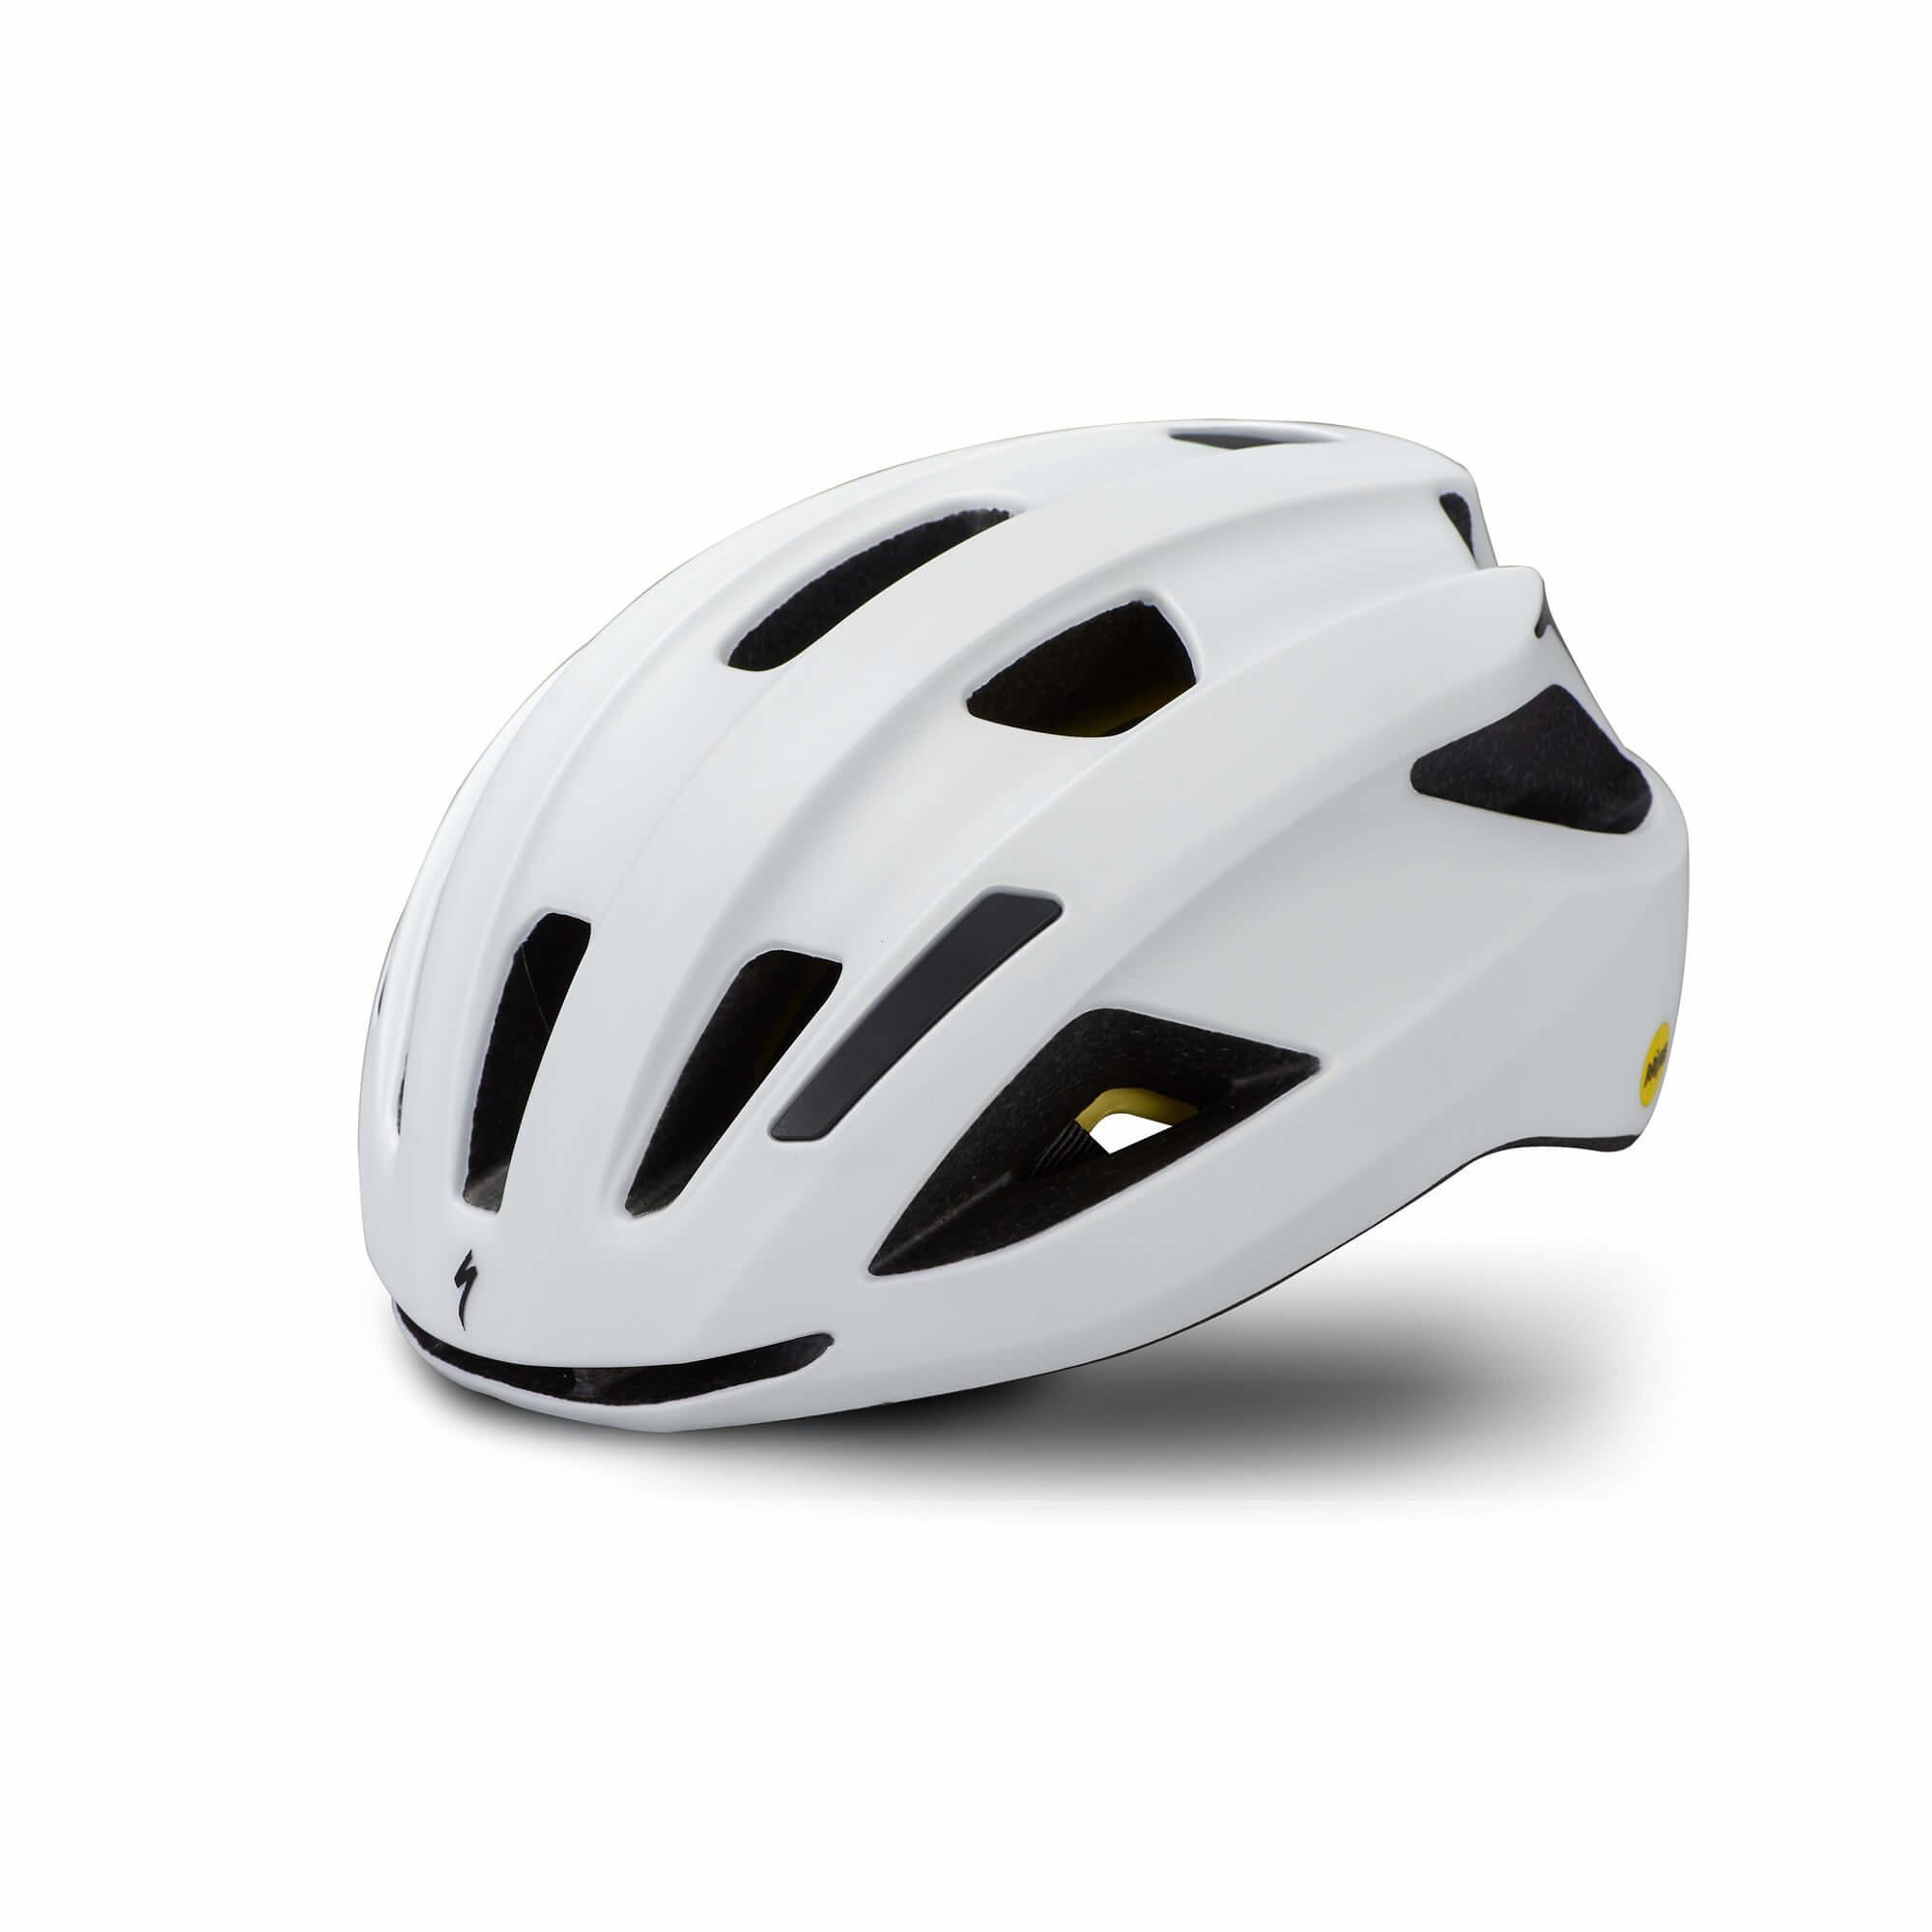 Align II Helmet Mips-1